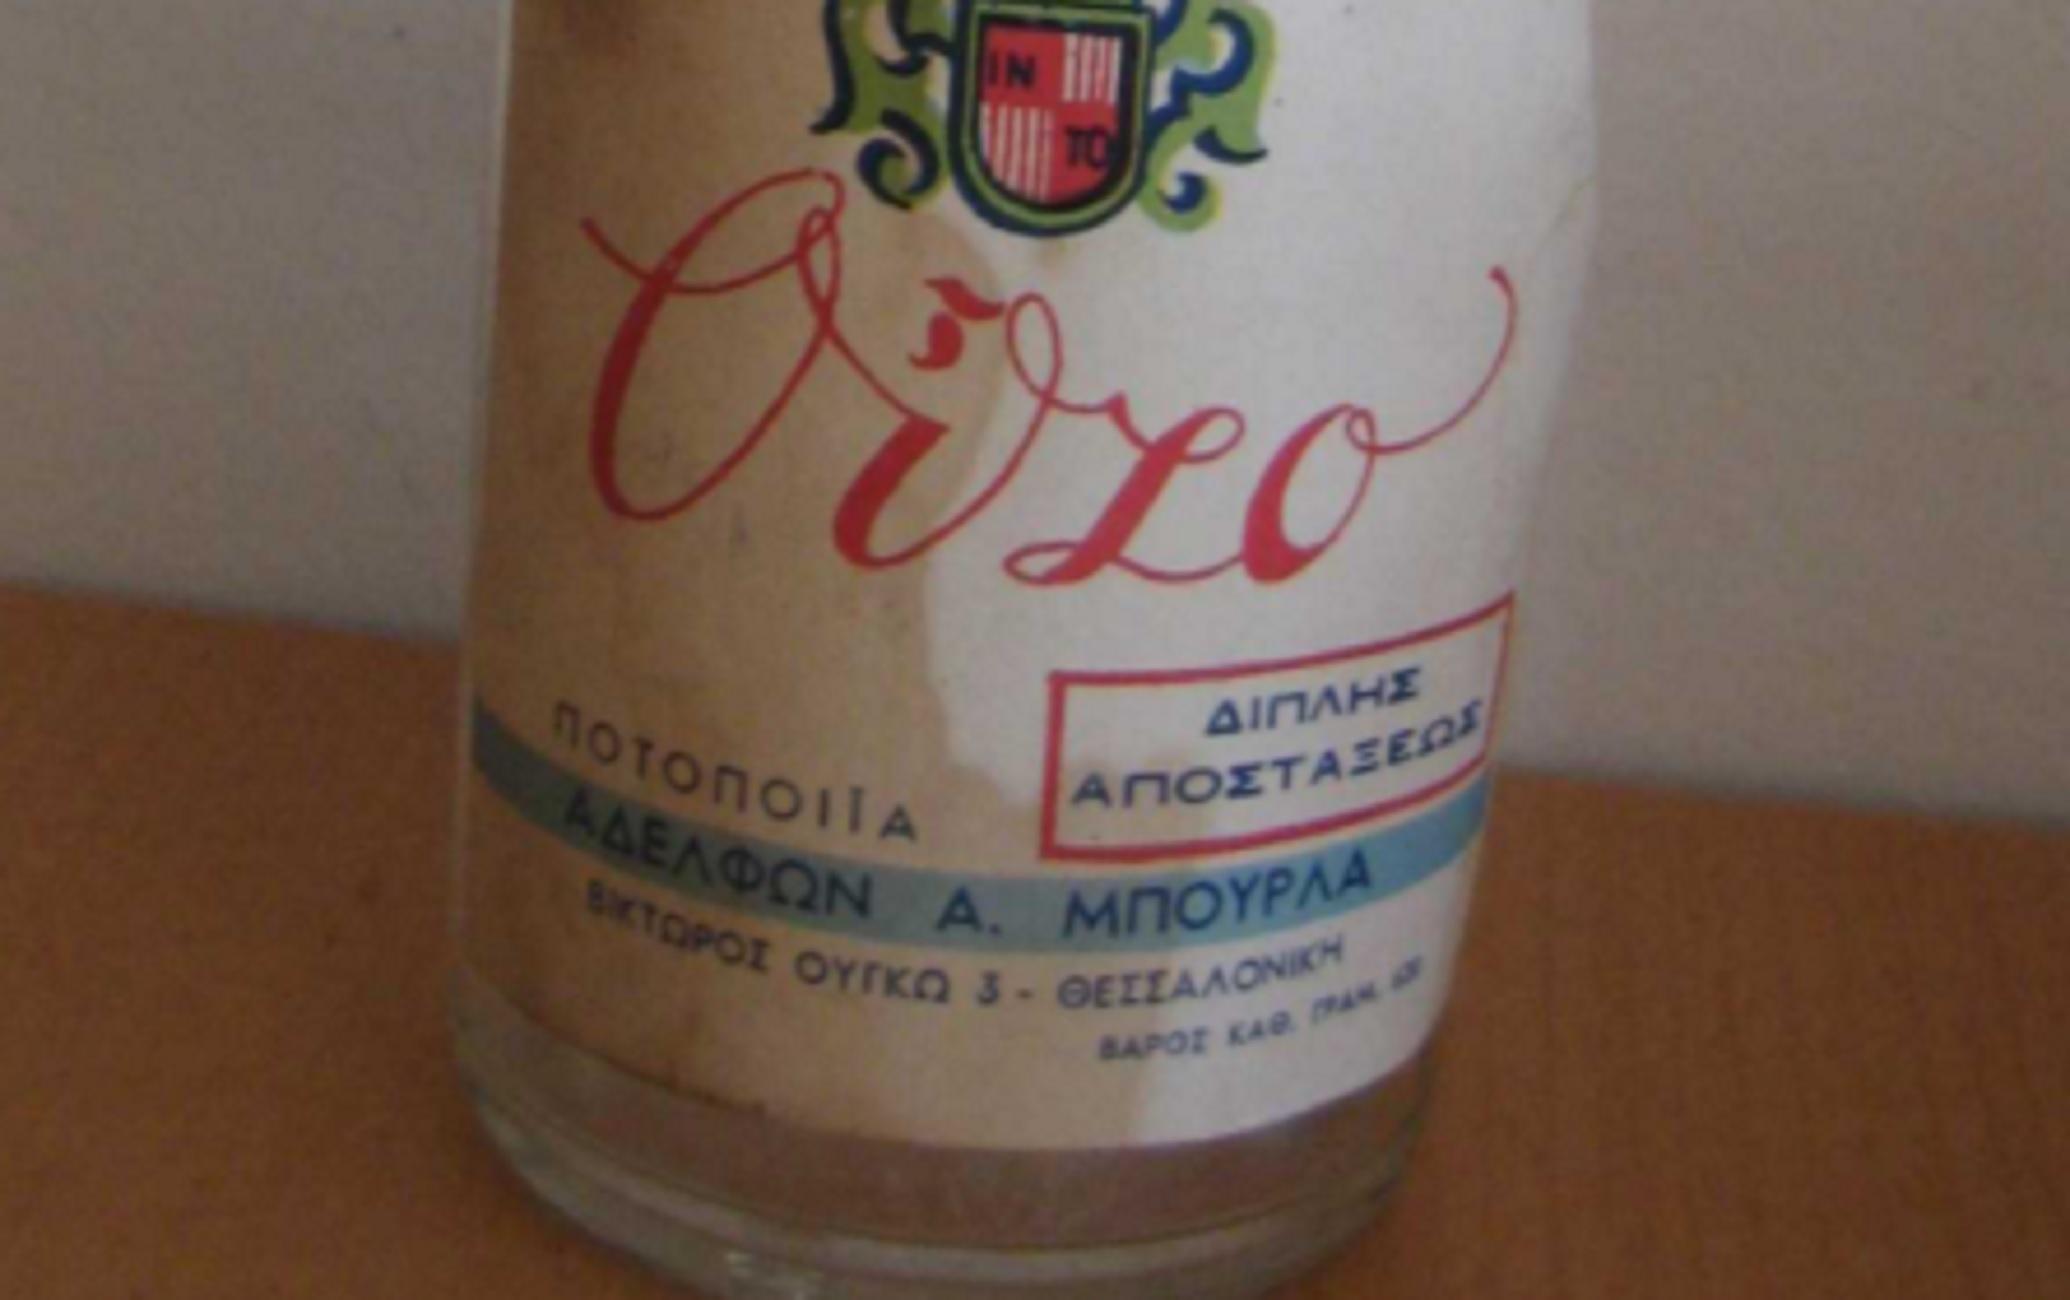 Θεσσαλονίκη: Η ξεχωριστή ιστορία ενός μπουκαλιού με ούζο – Πως βρέθηκε στο εβραϊκό μουσείο (pics)